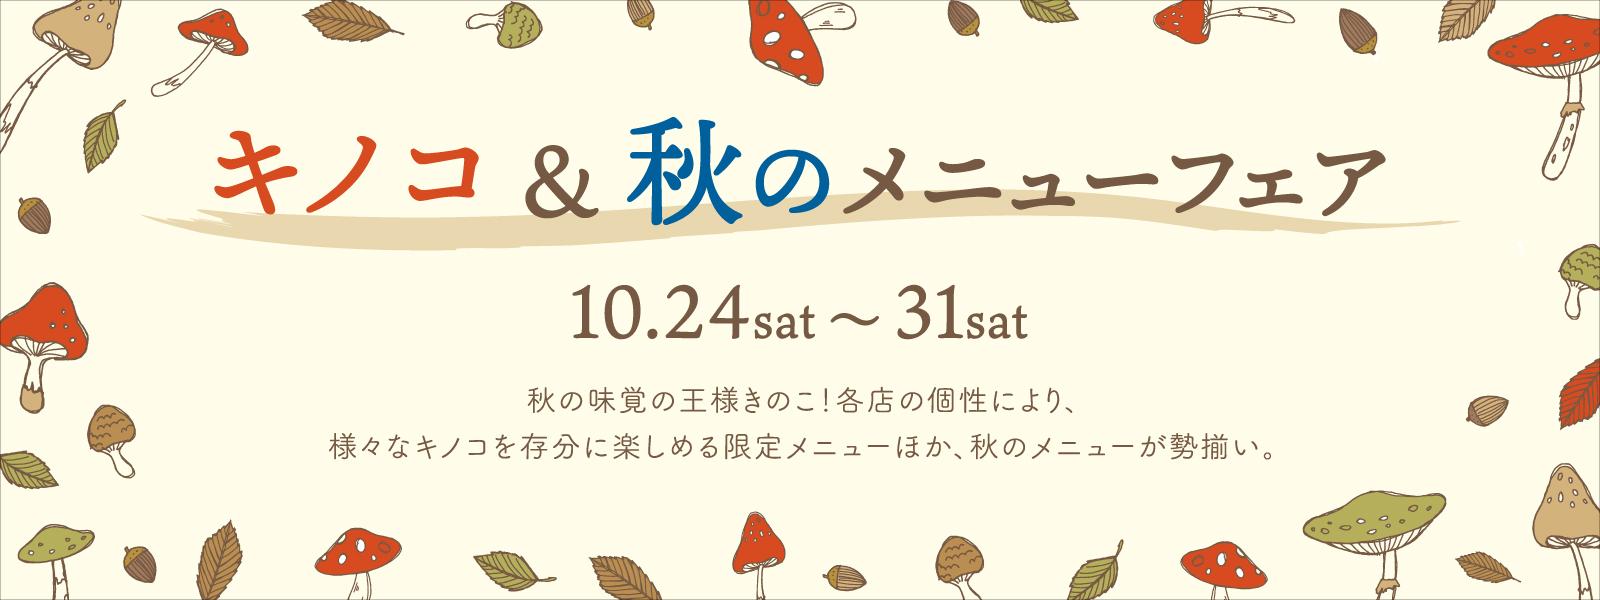 キノコ&秋のメニューフェア